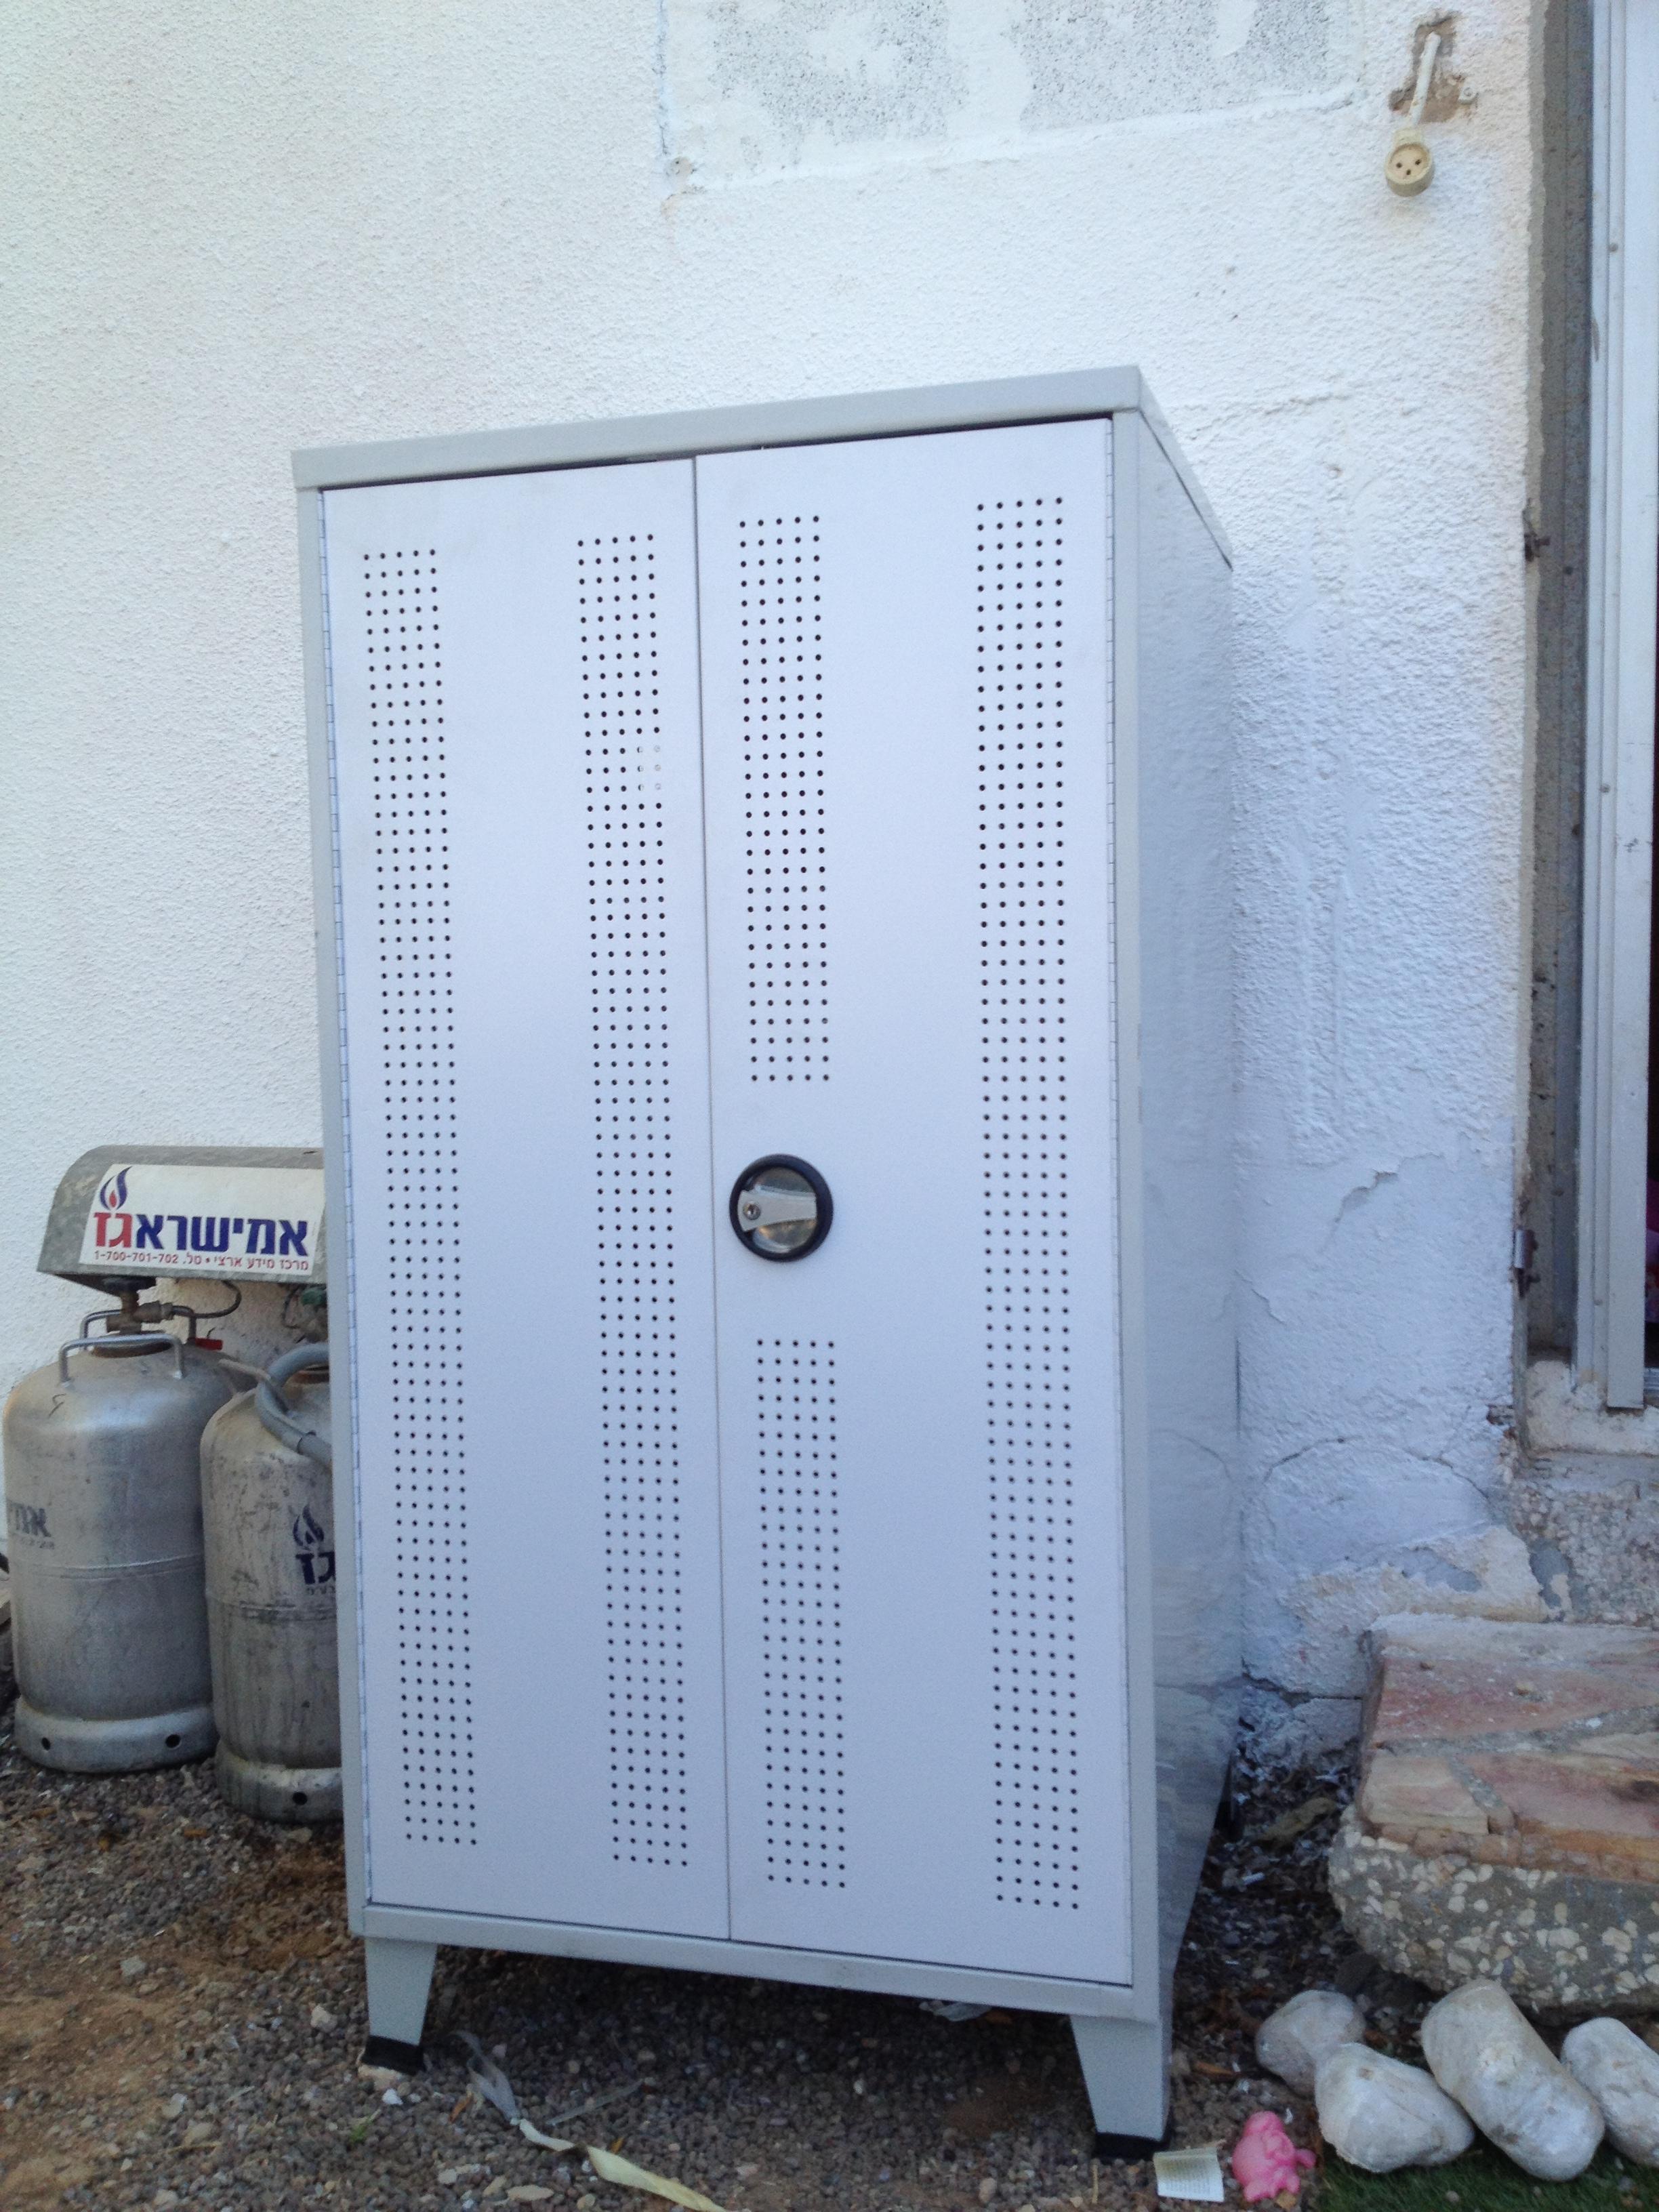 מגה וברק master lockers - ארון למכונת כביסה עמיד לתנאי חוץ EG-95